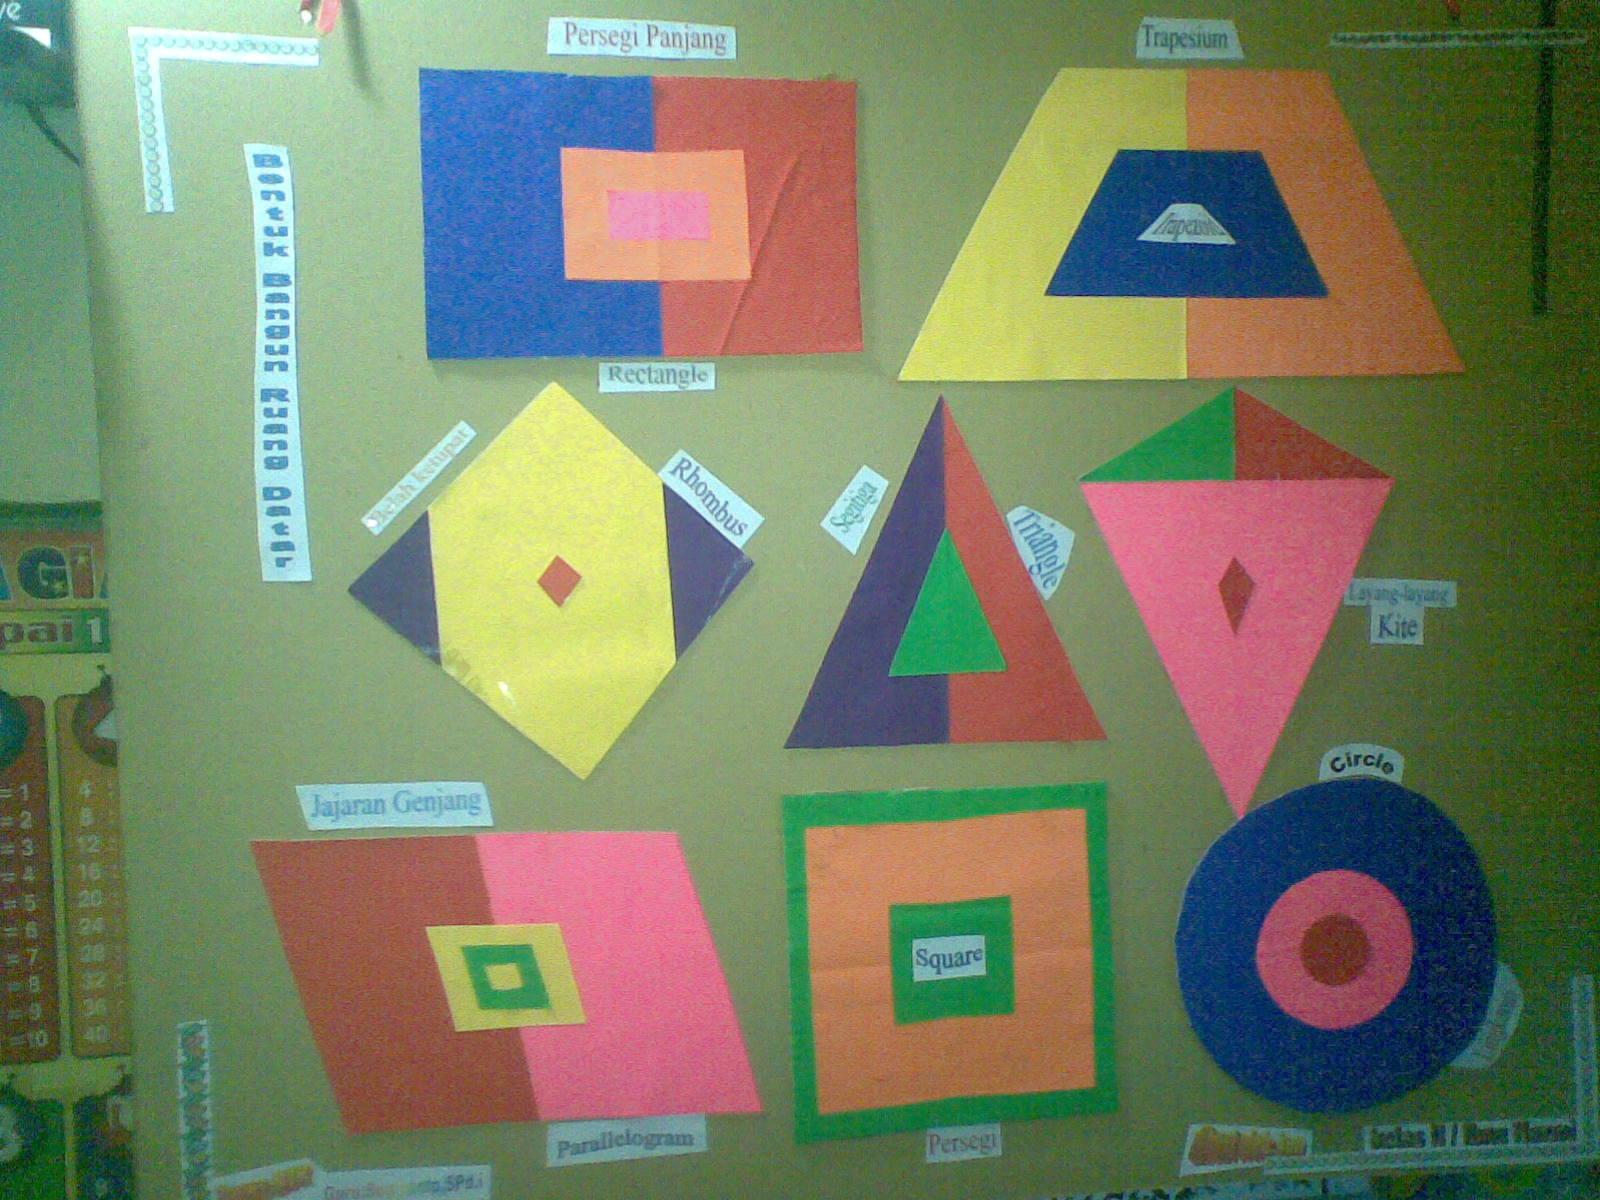 Soal Matematika kelas 5 SD : sifat-sifat antar bangun dan hubungan antar bangun